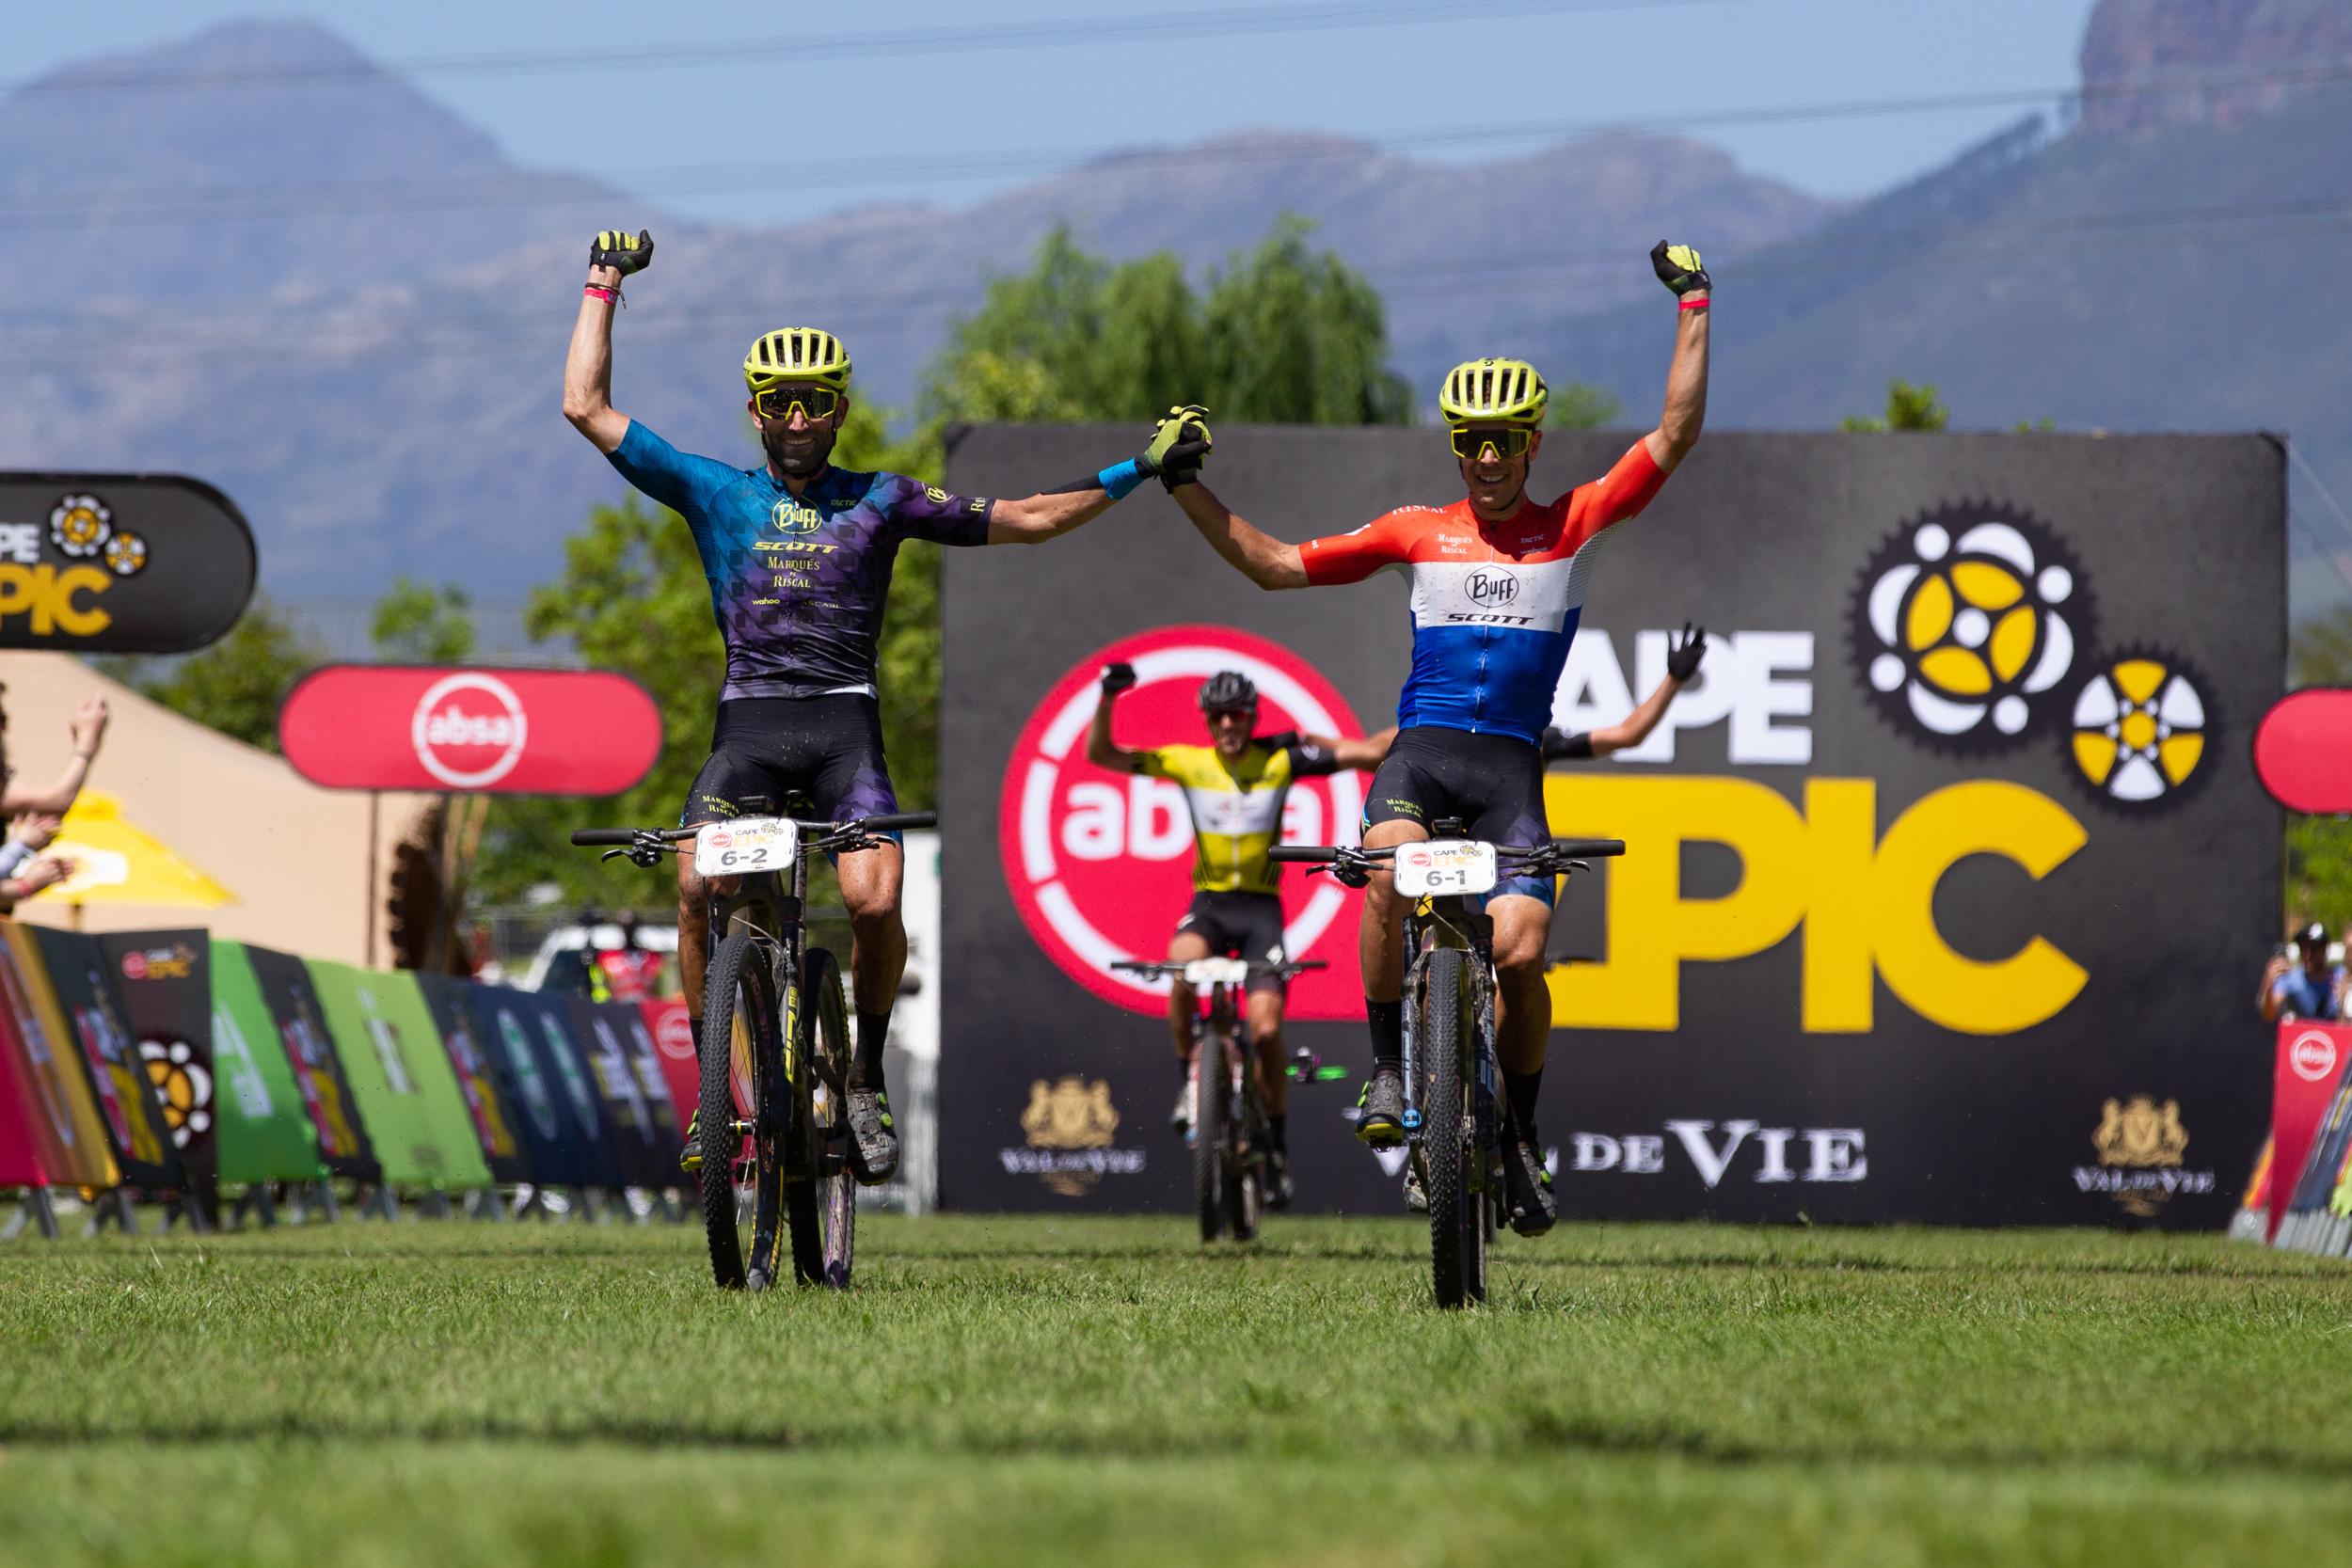 El Buff Scott MTB Team, tercero en la Cape Epic